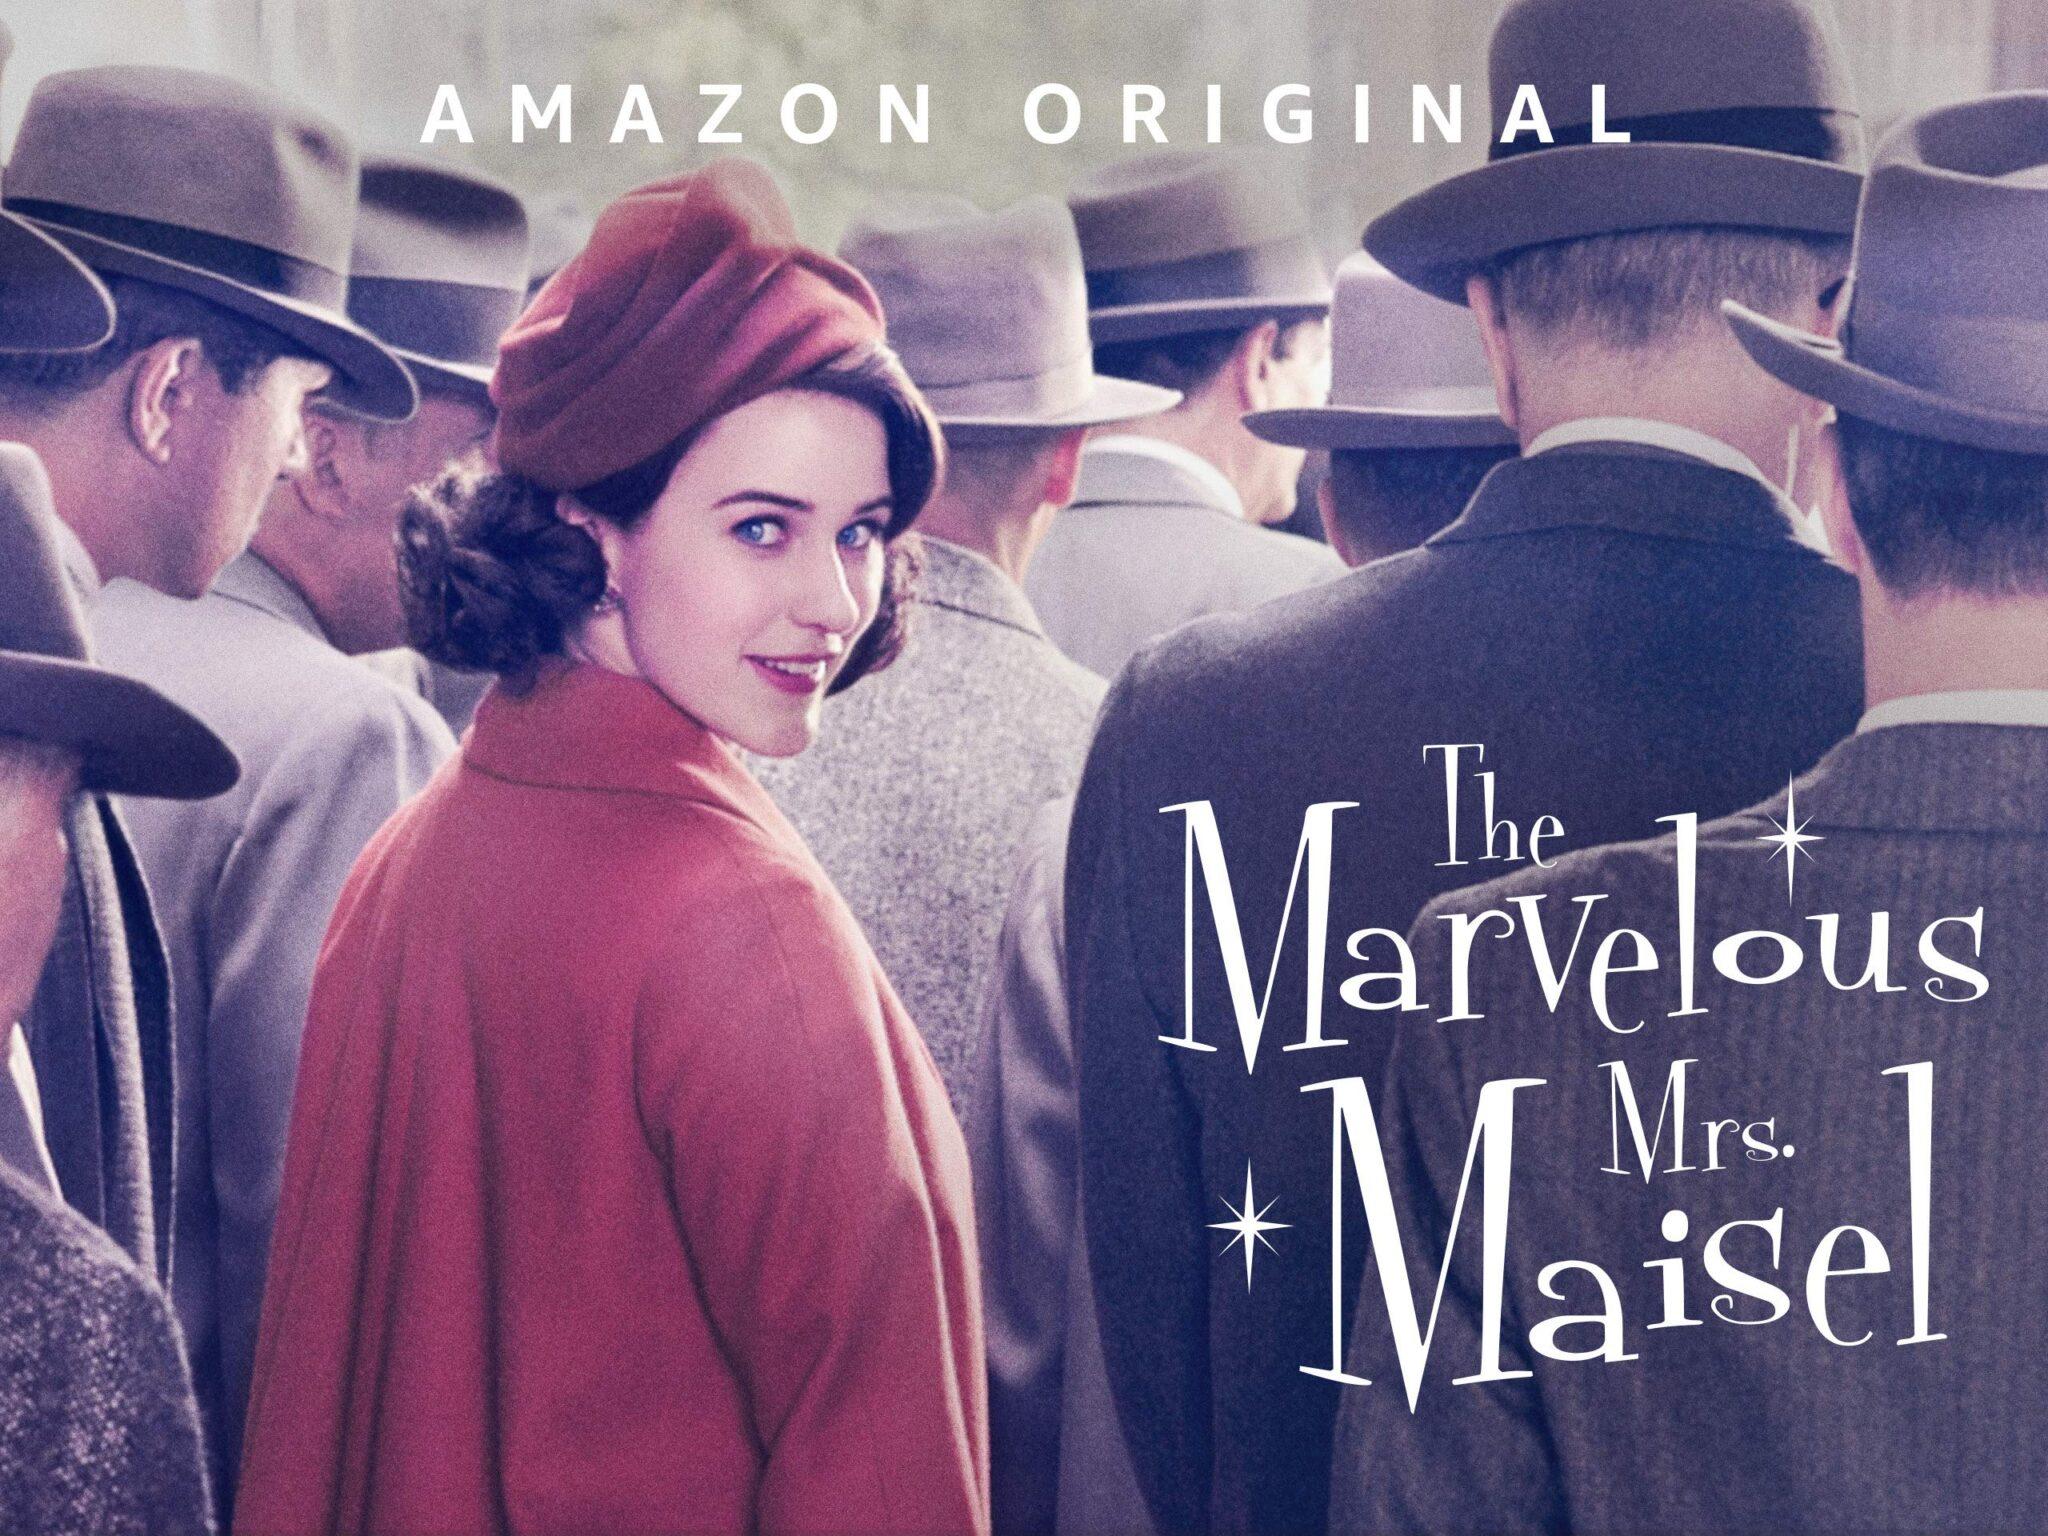 マーベラス・ミセス・メイゼル